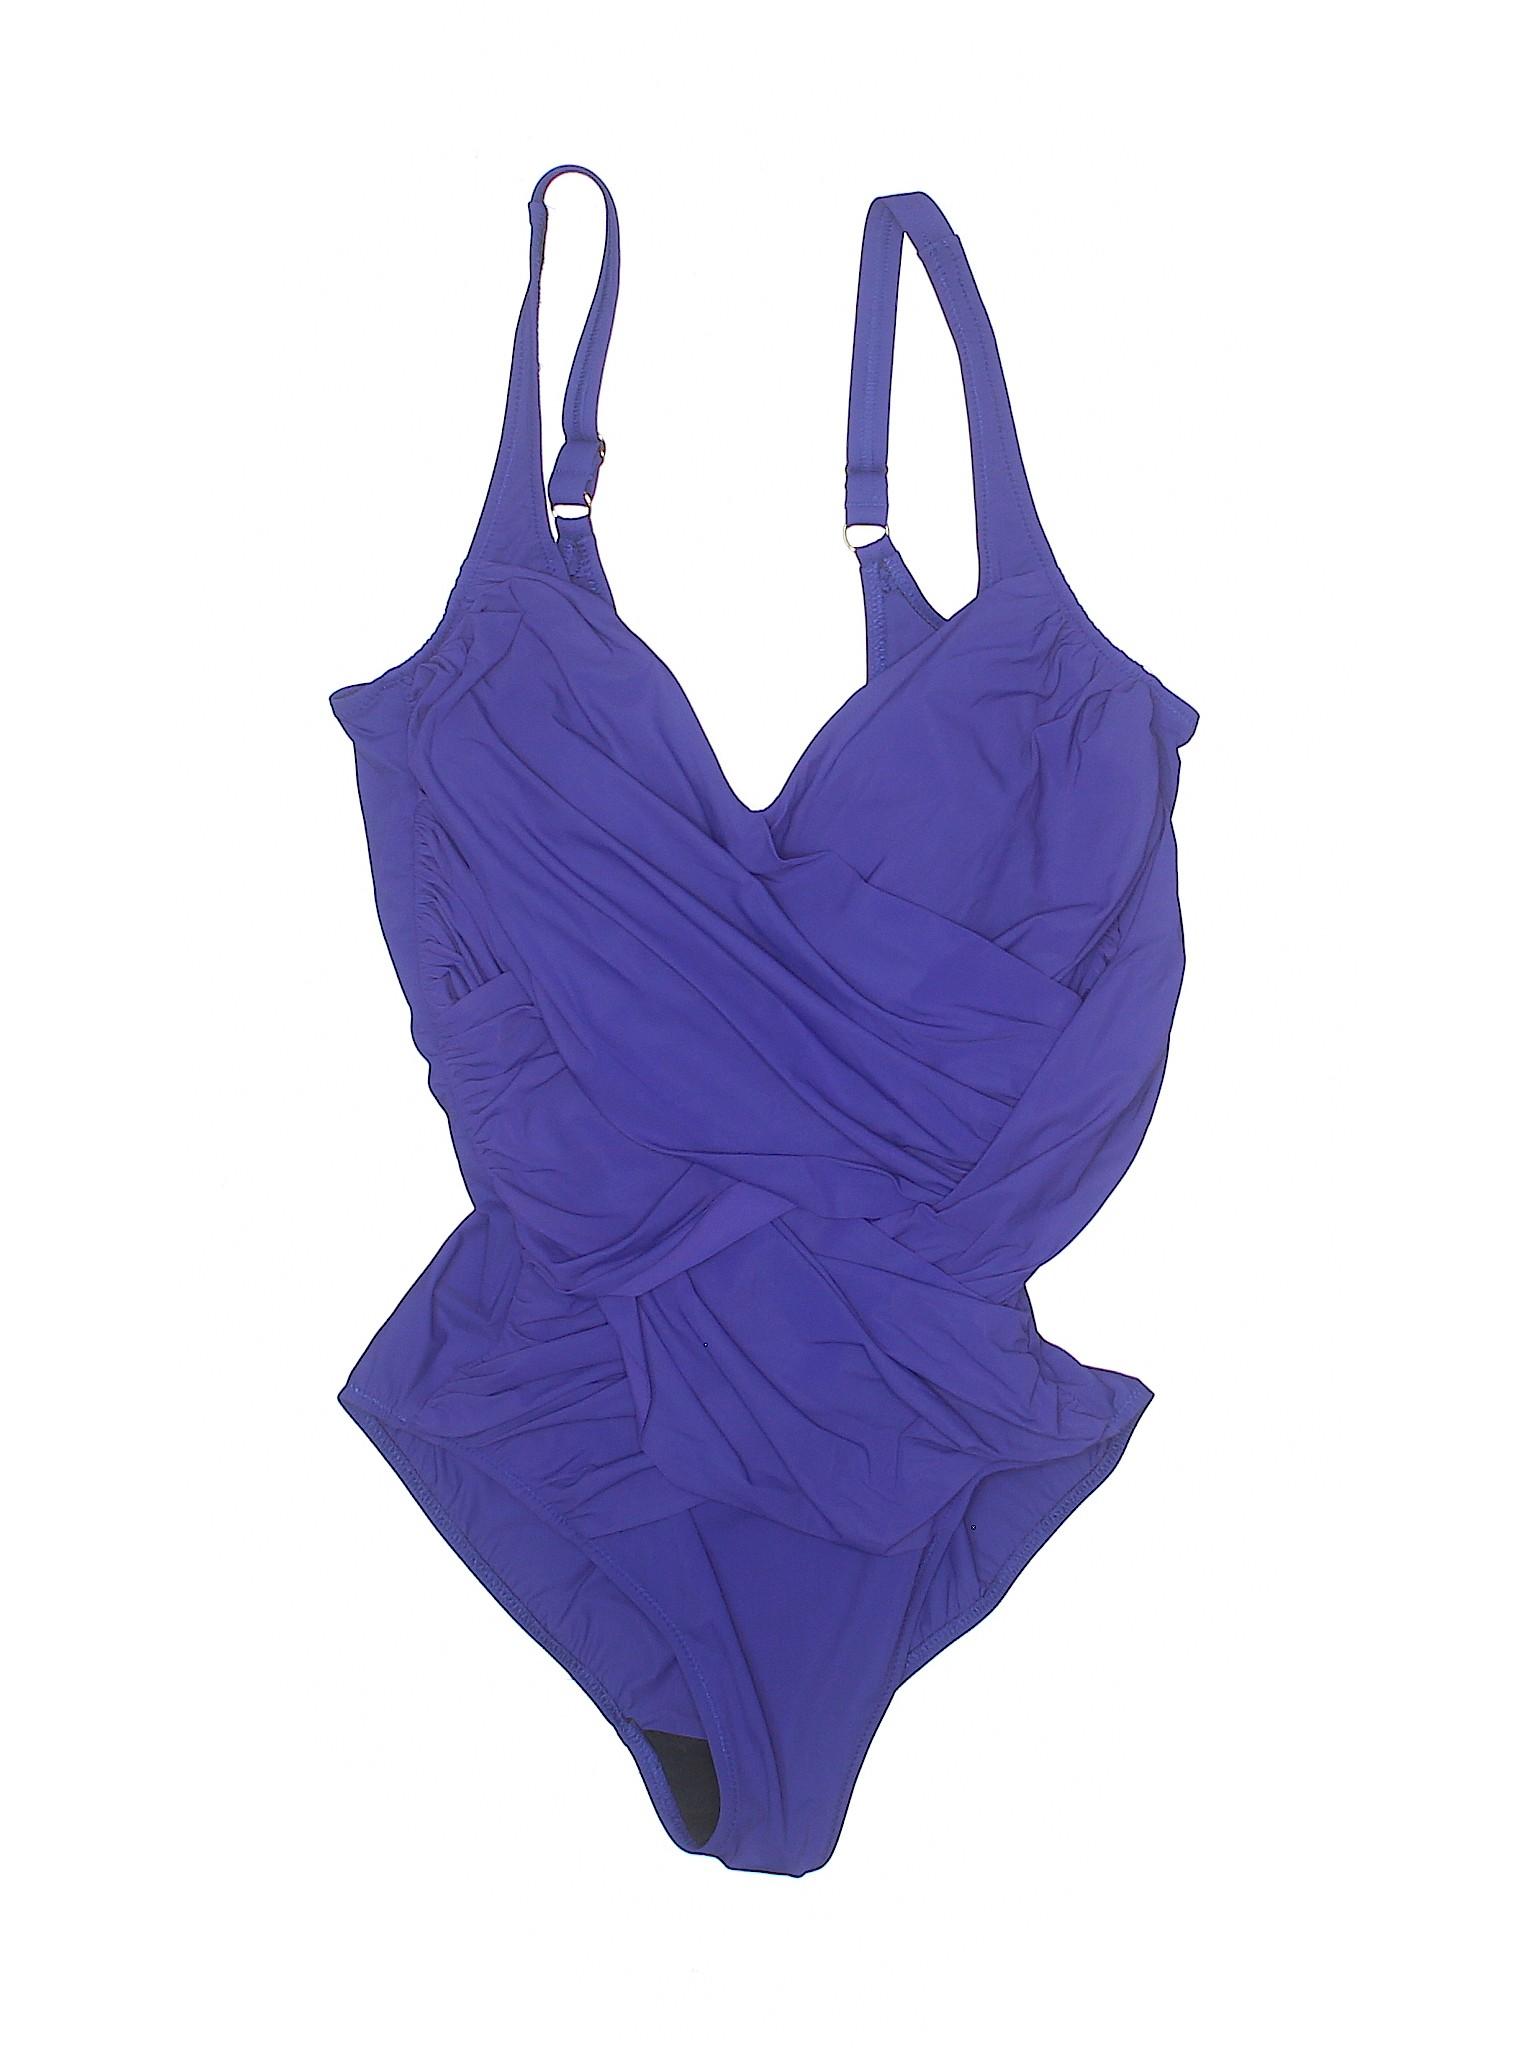 Piece Gottex Boutique Boutique Gottex Swimsuit One xP1qxaZw